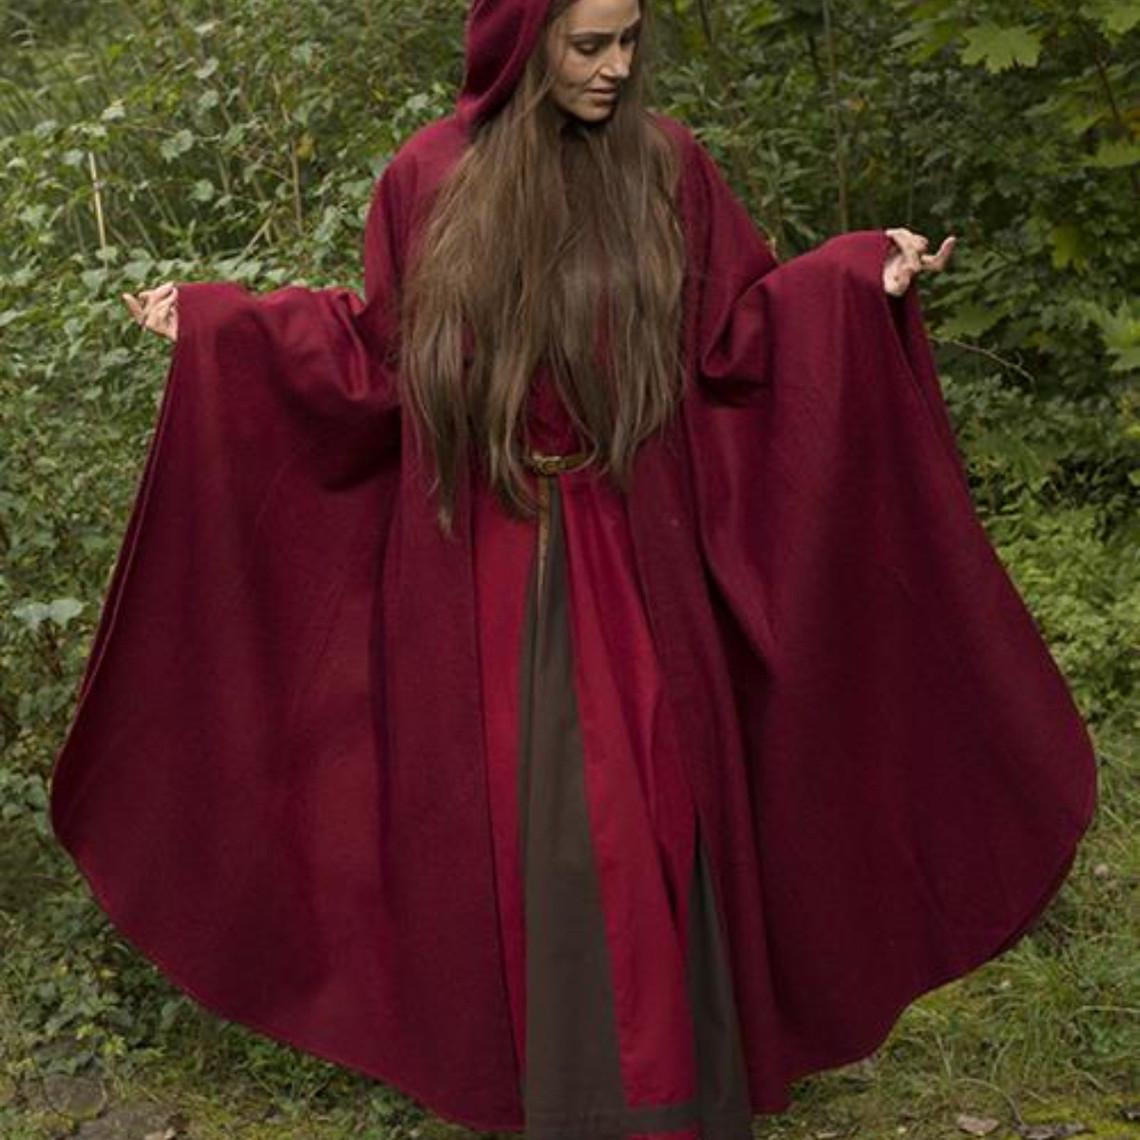 Epic Armoury Lana viajeros de capa roja